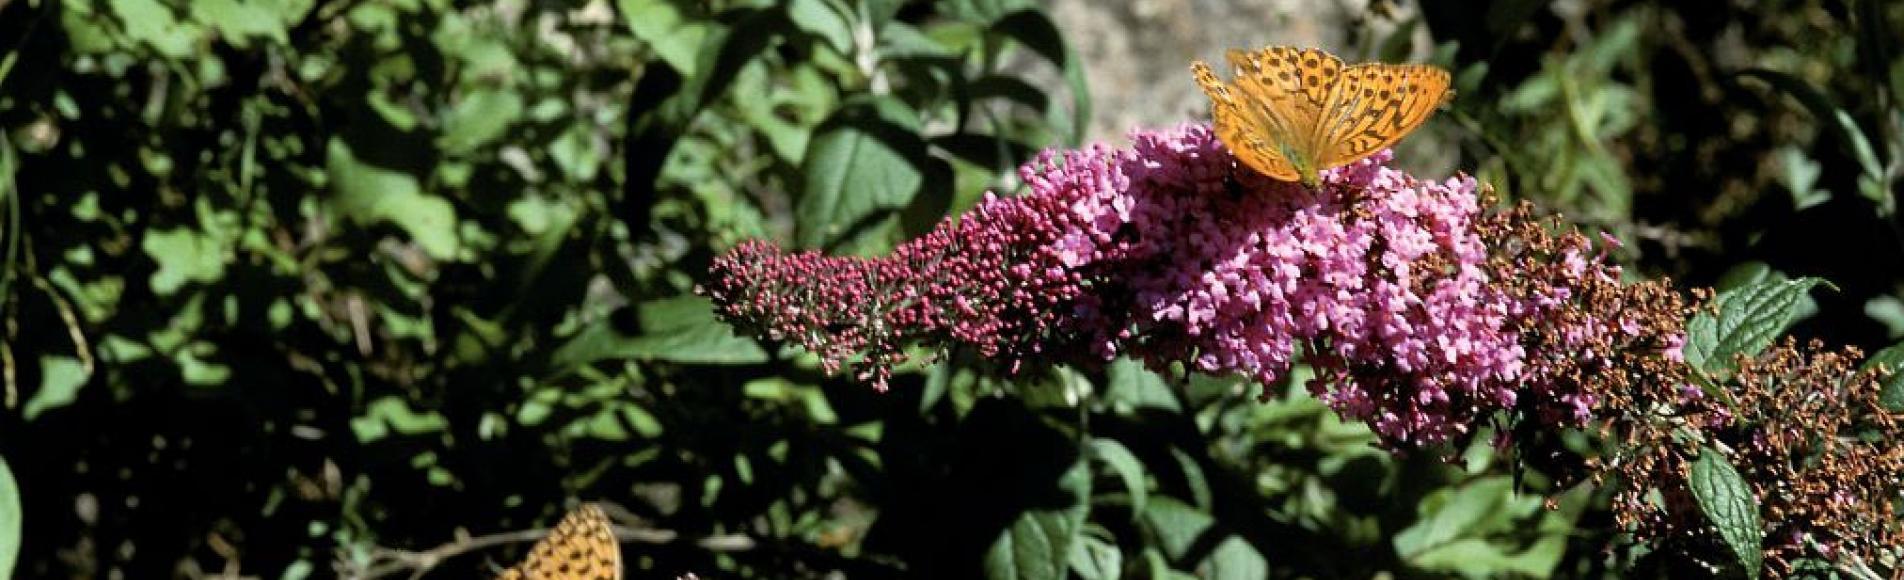 arbre à papillons - M.Coulon - Parc national des Ecrins